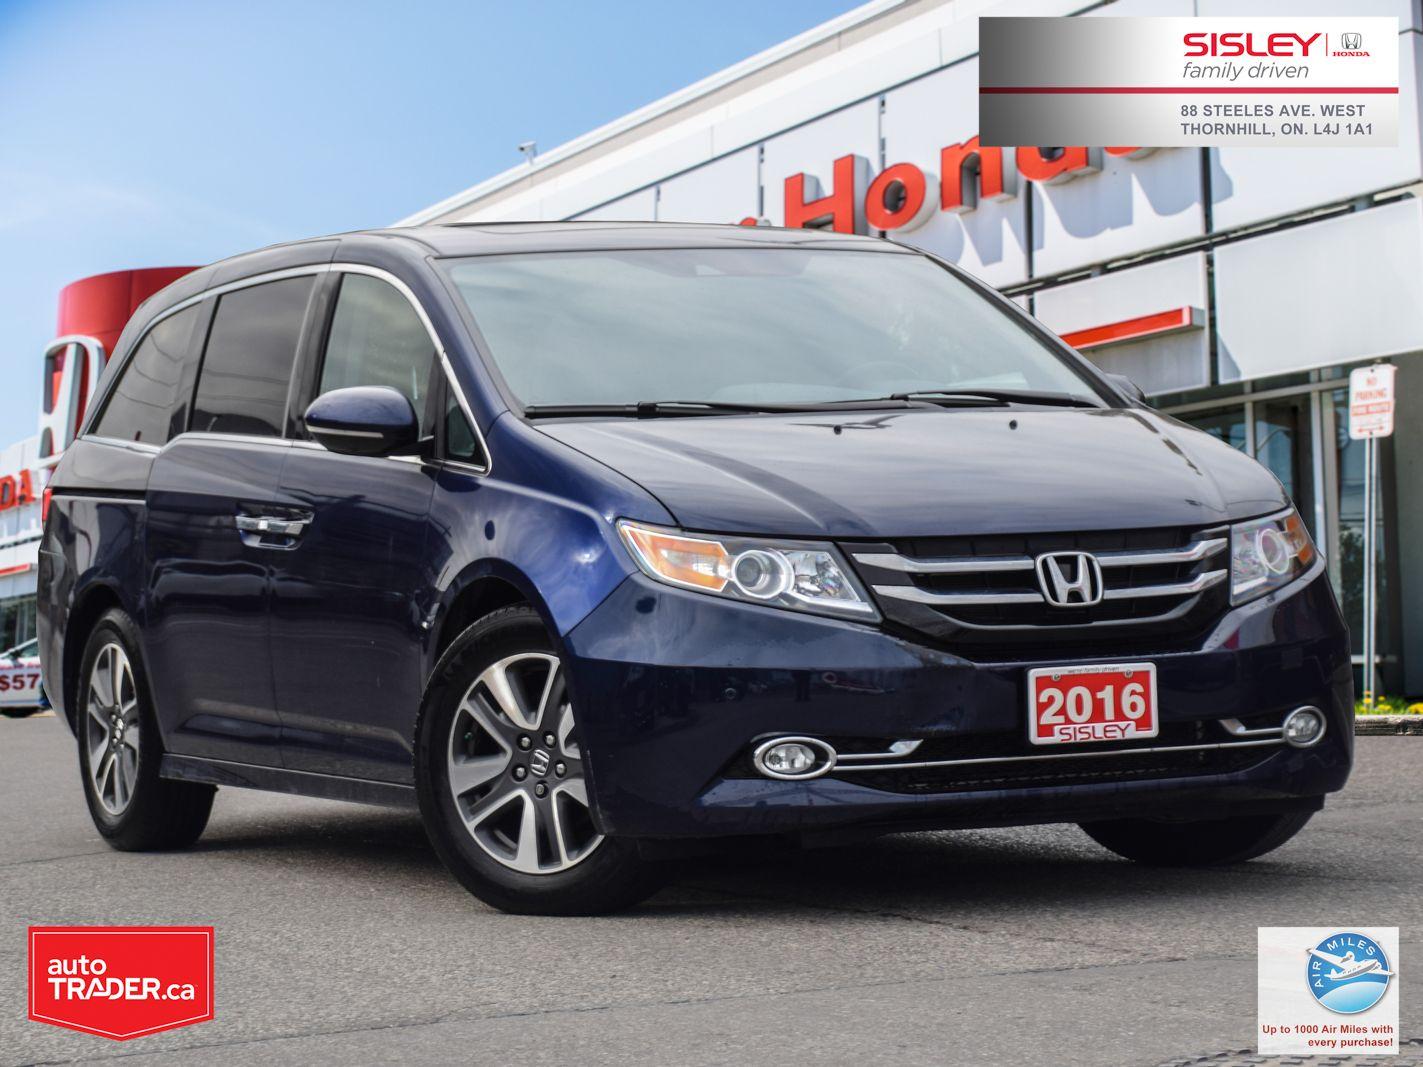 2016 Honda Odyssey Image